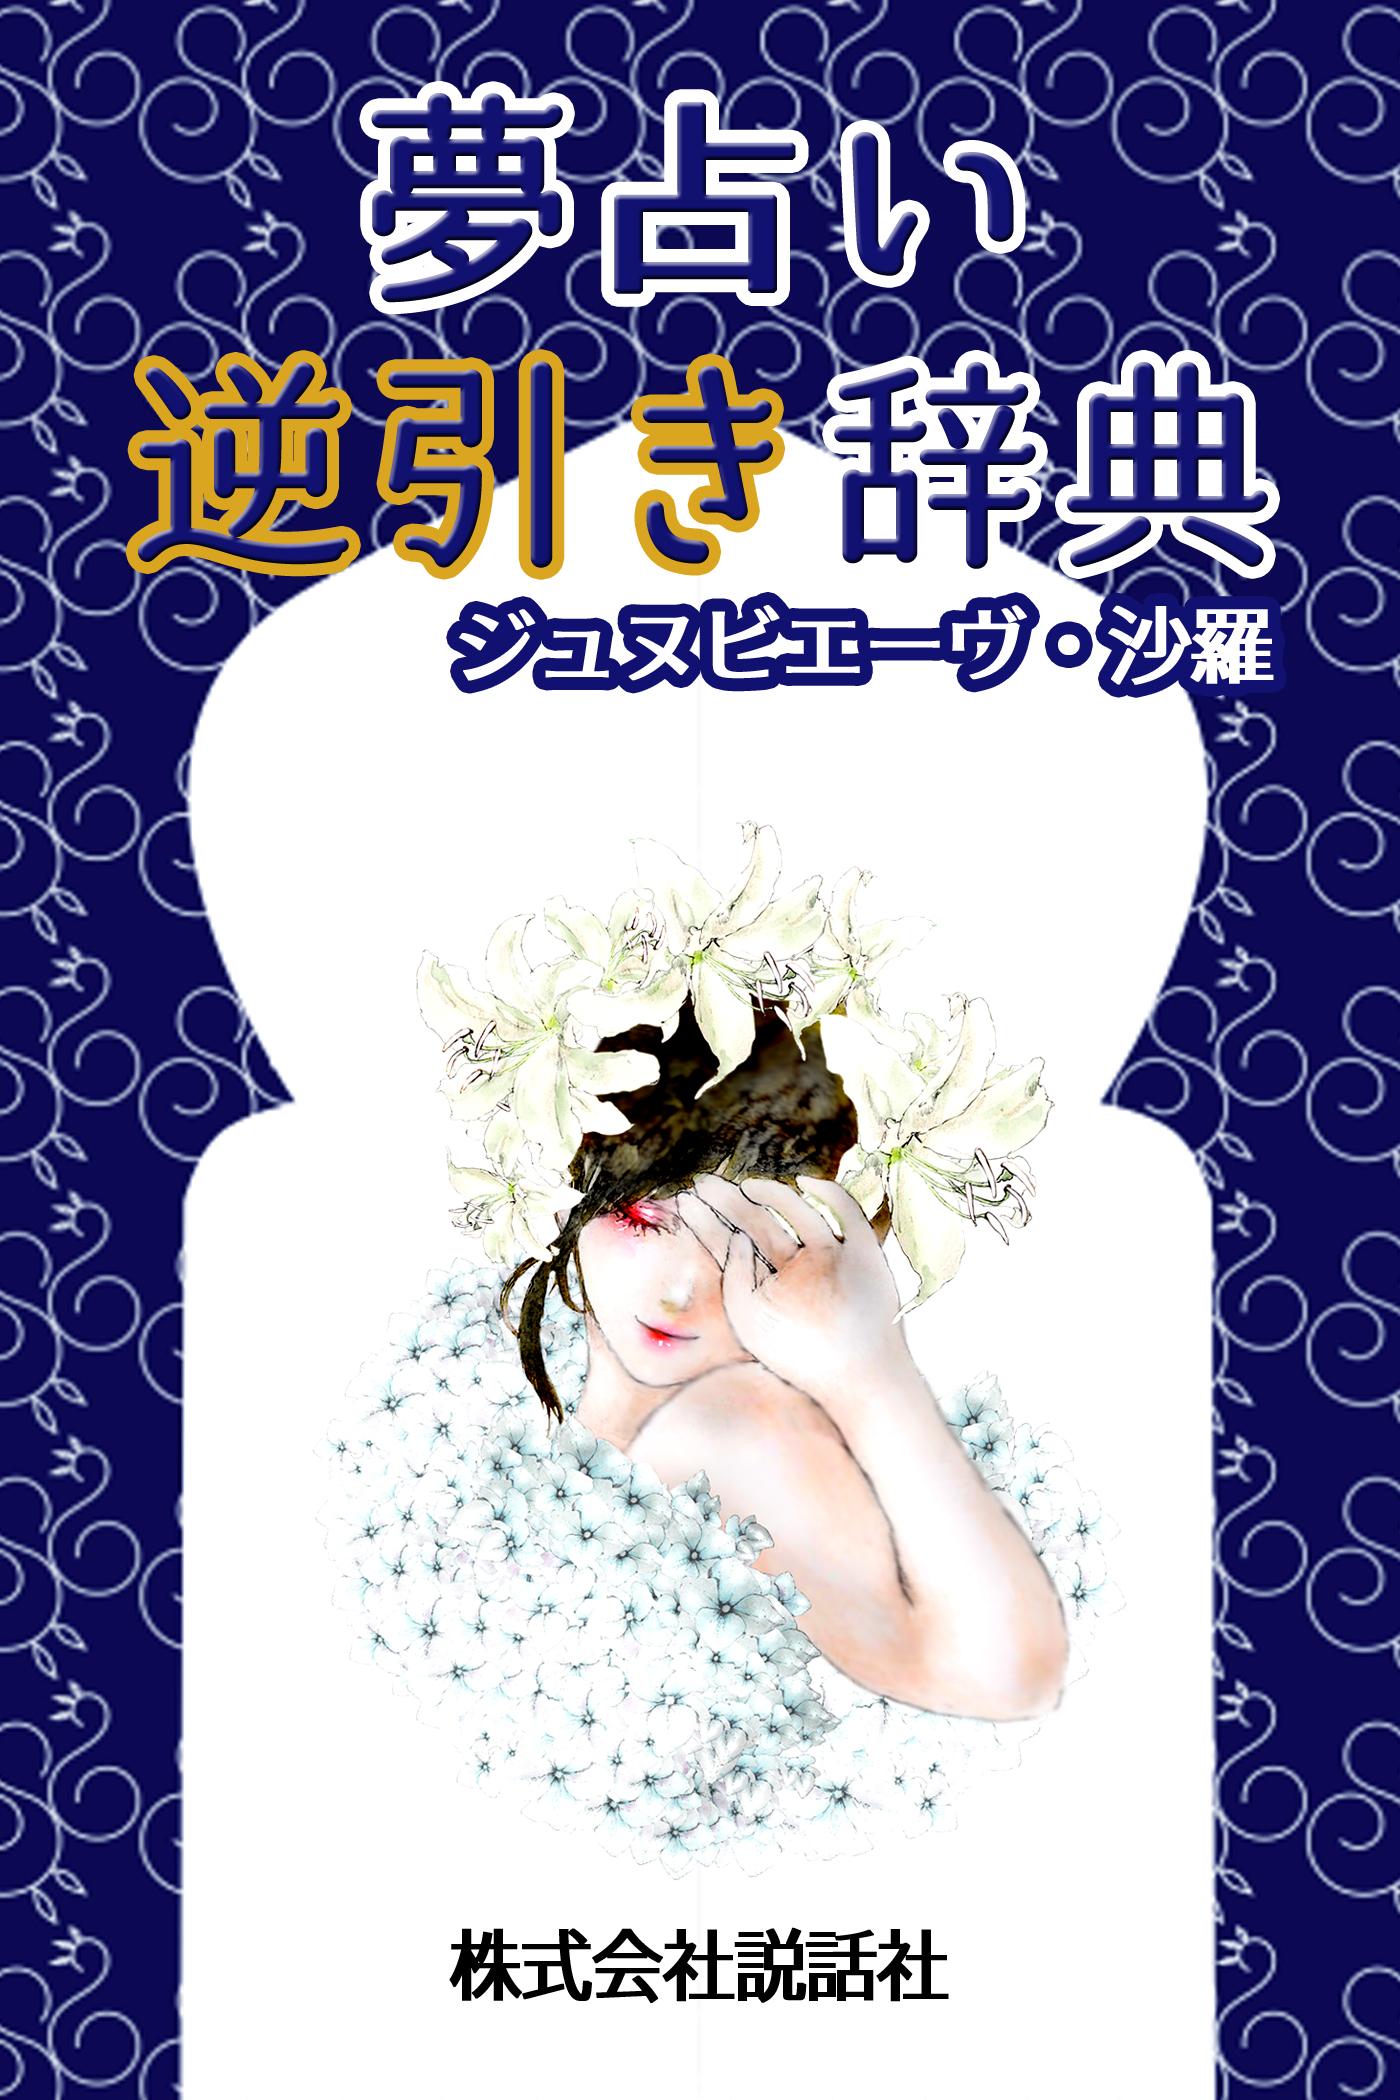 電子書籍「夢占い逆引き辞典」がリリースされました!